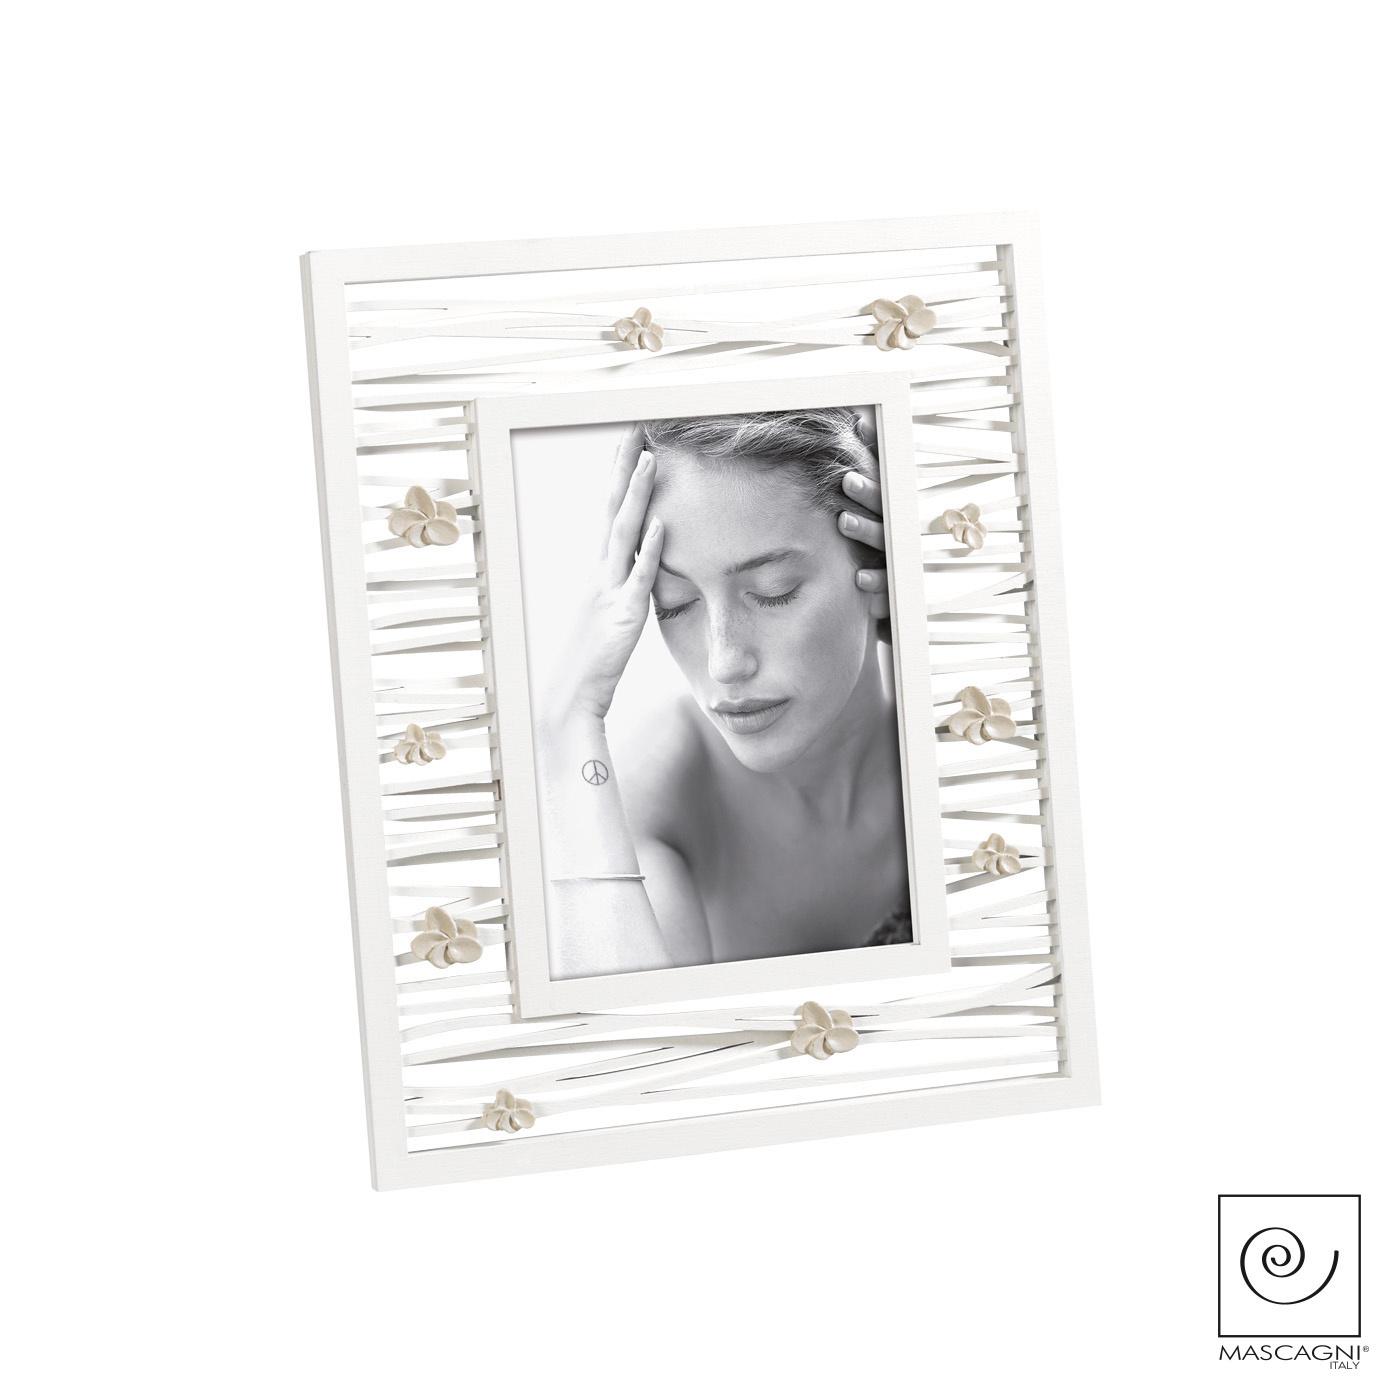 Art Mascagni A990 PHOTO FRAME 13X18 - COL.WHITE